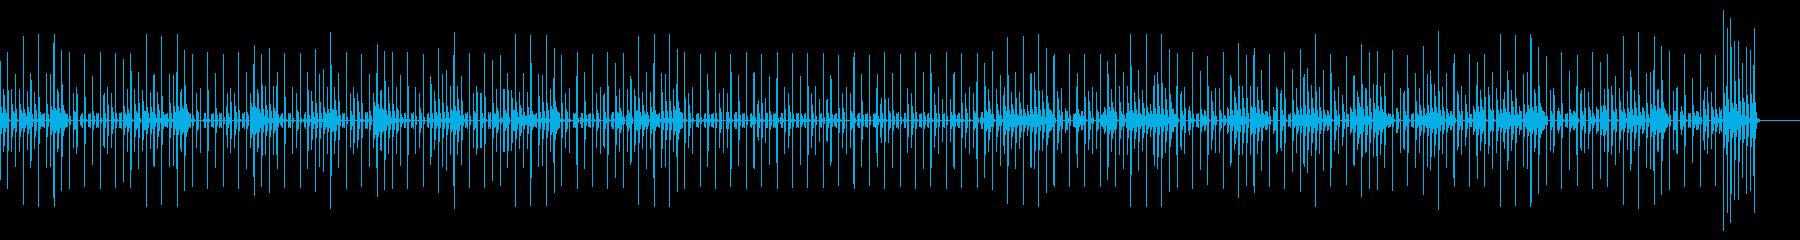 トーク・会話・かわいい・楽しいの再生済みの波形